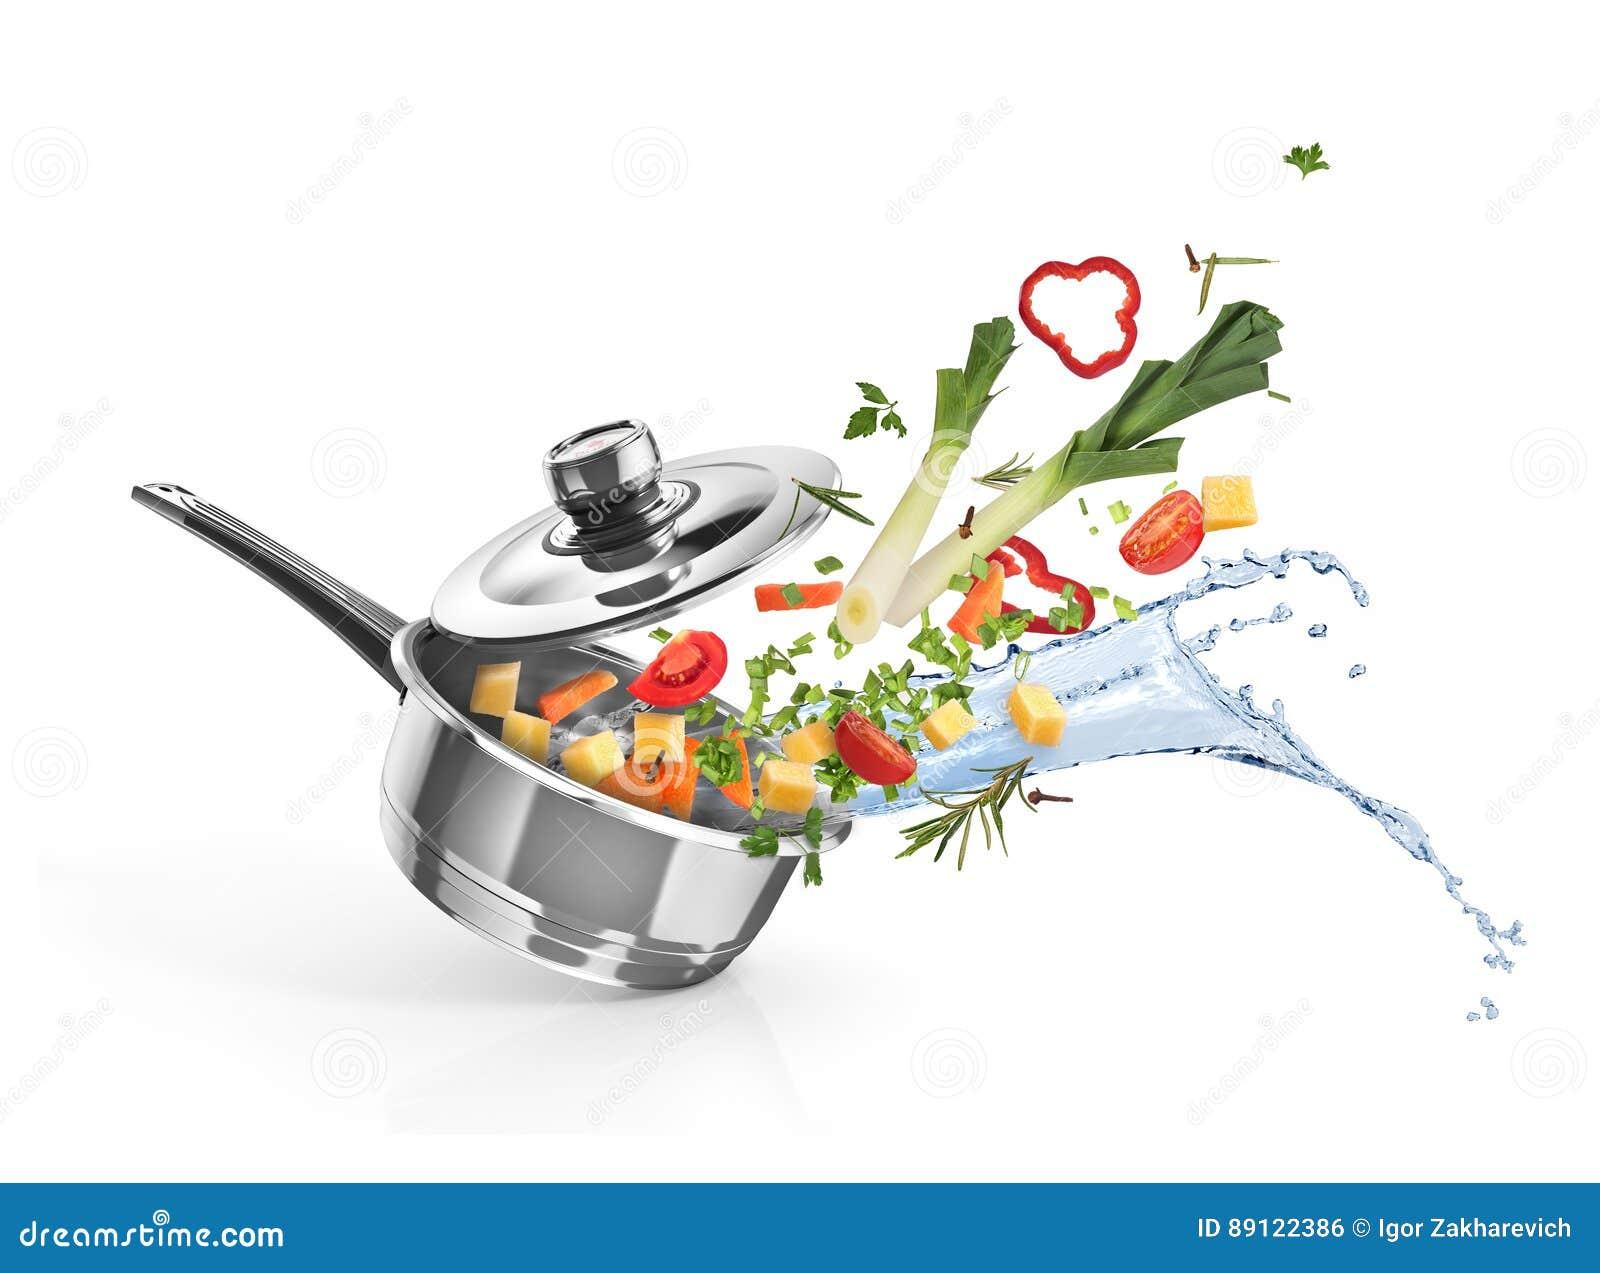 Braadpan met groenten